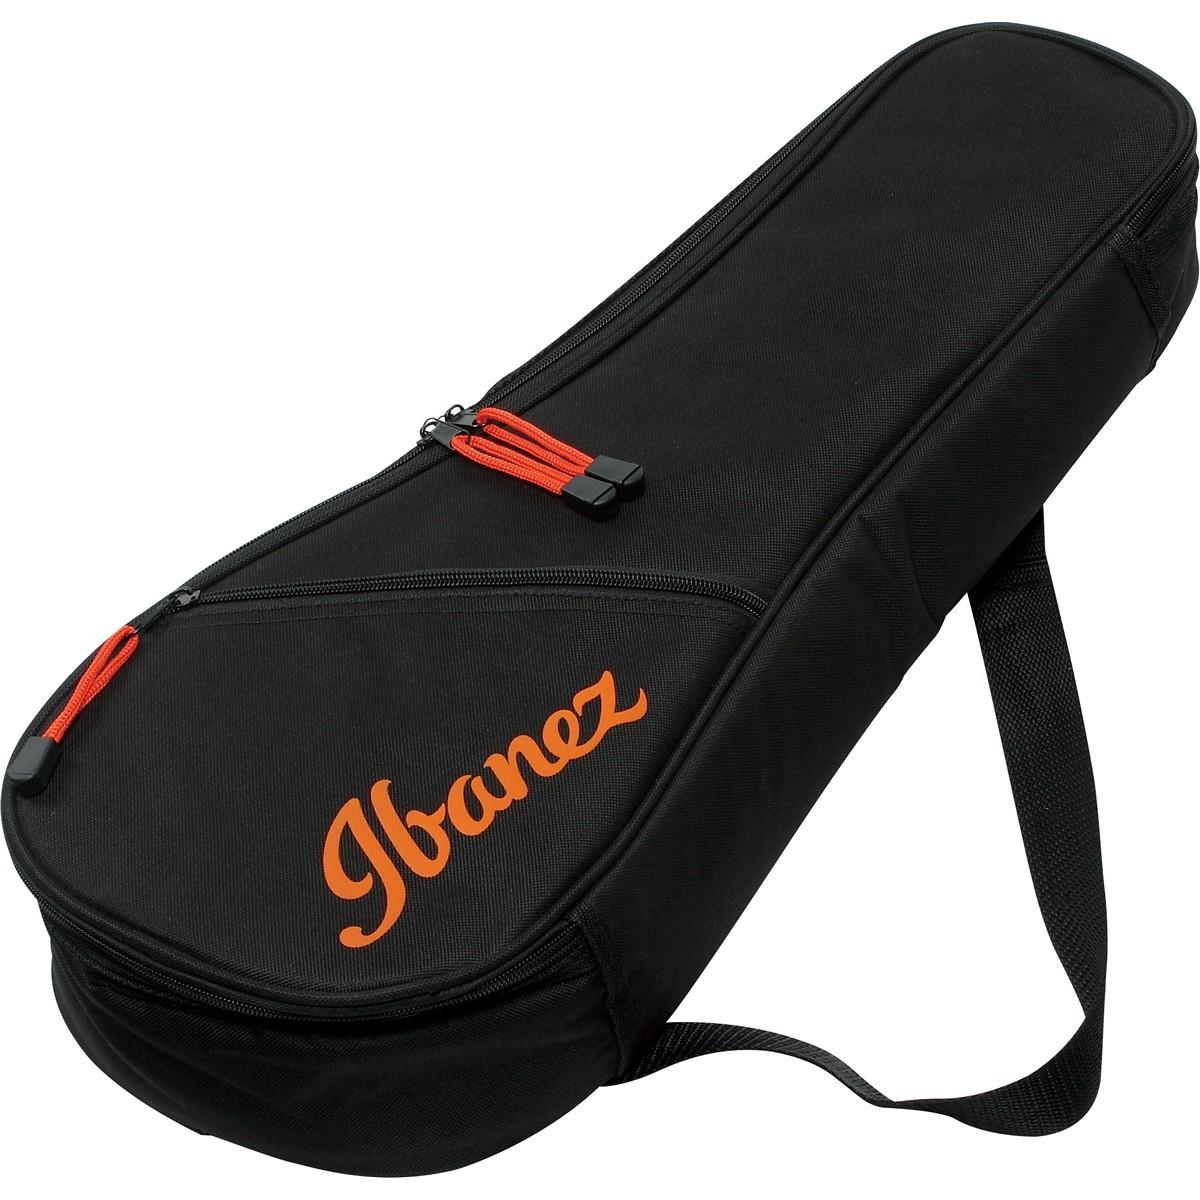 IBANEZ IUBS301-BK BLACK BAG UKULELE / SOPRANO